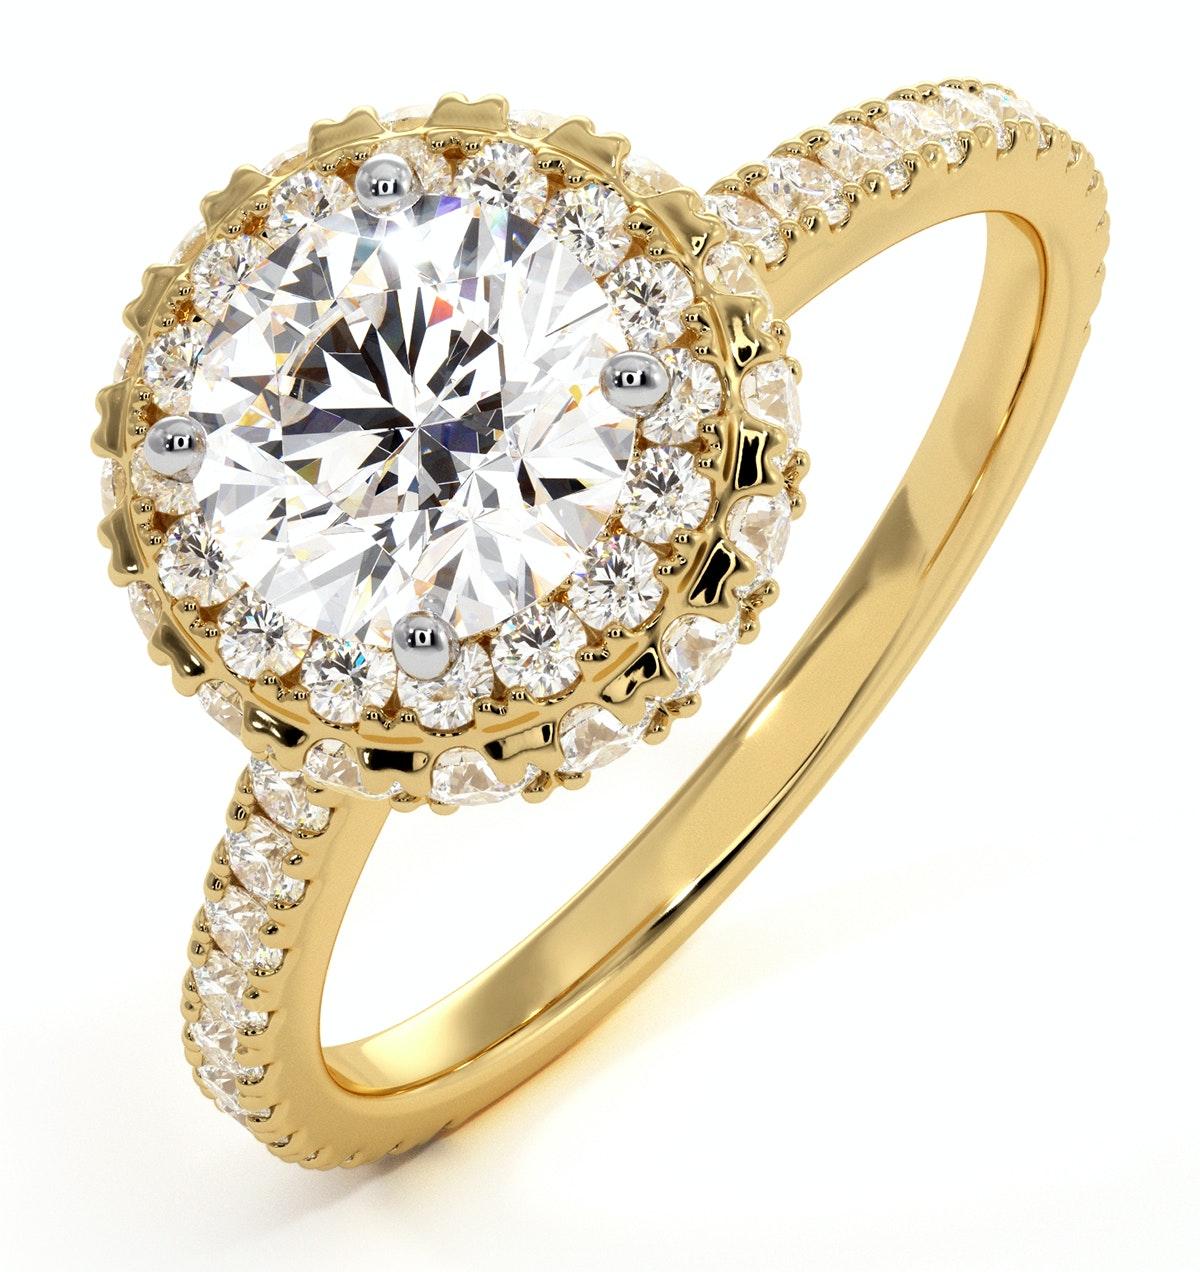 Valerie GIA Diamond Halo Engagement Ring in 18K Gold 1.80ct G/VS2